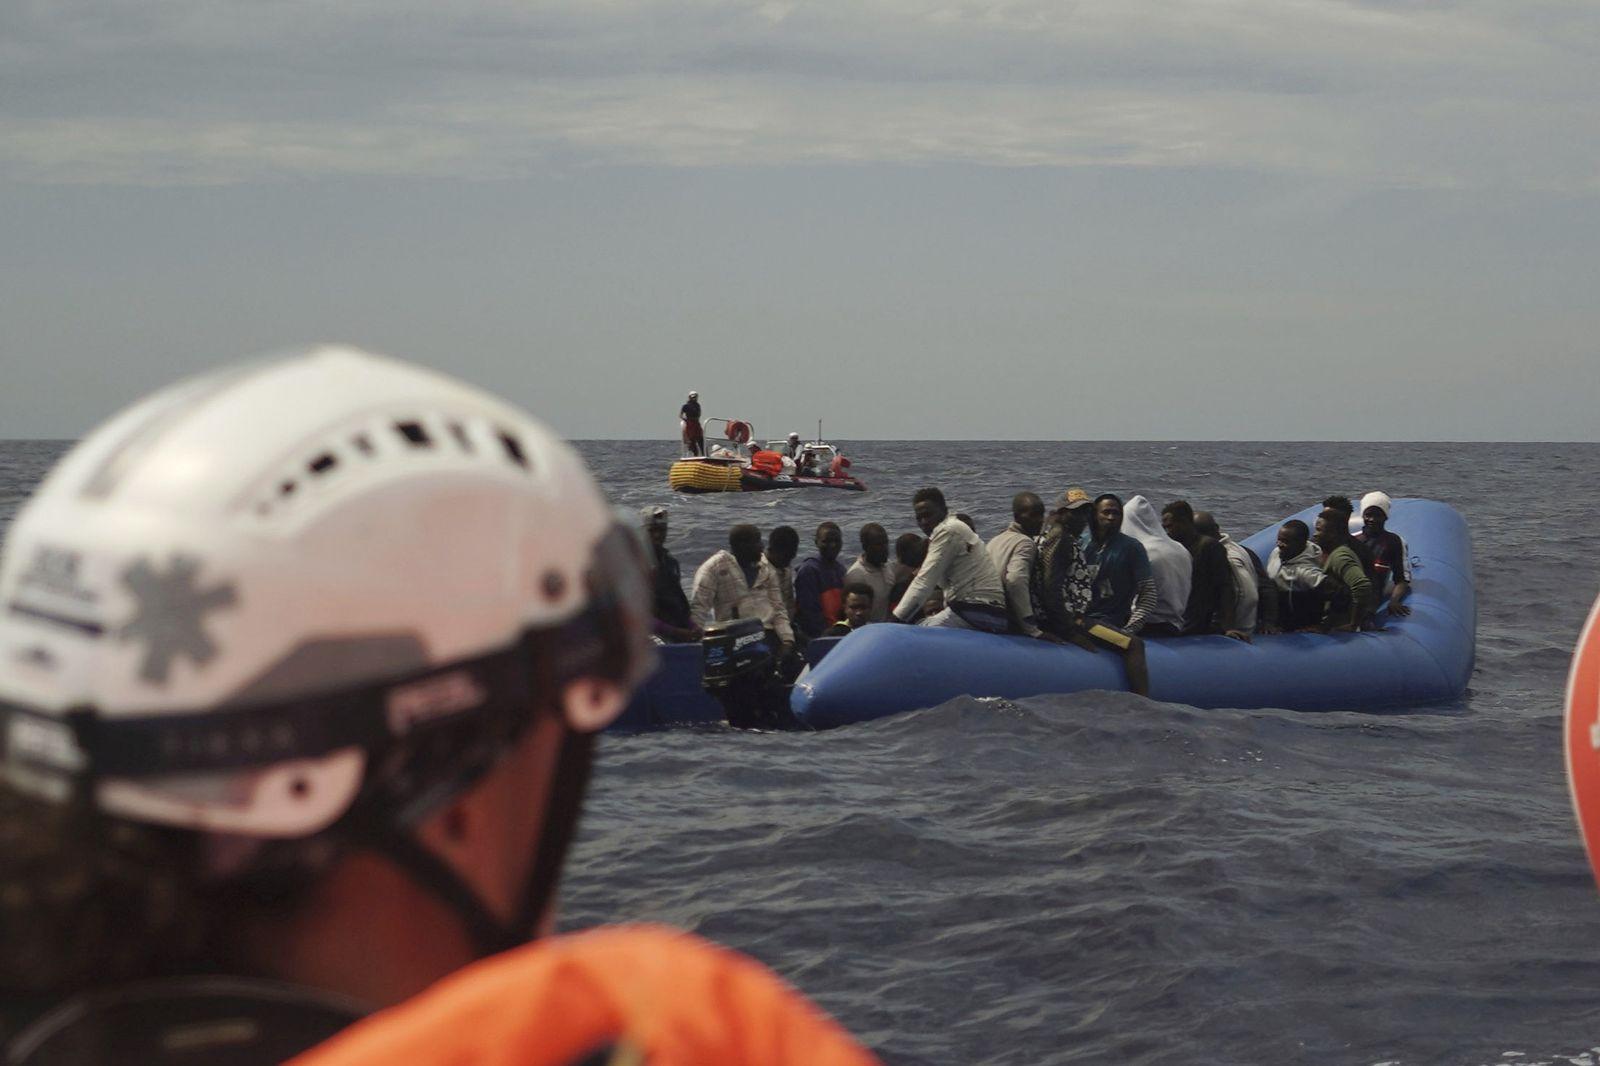 Rettungsschiff «Ocean Viking» in Einsatz